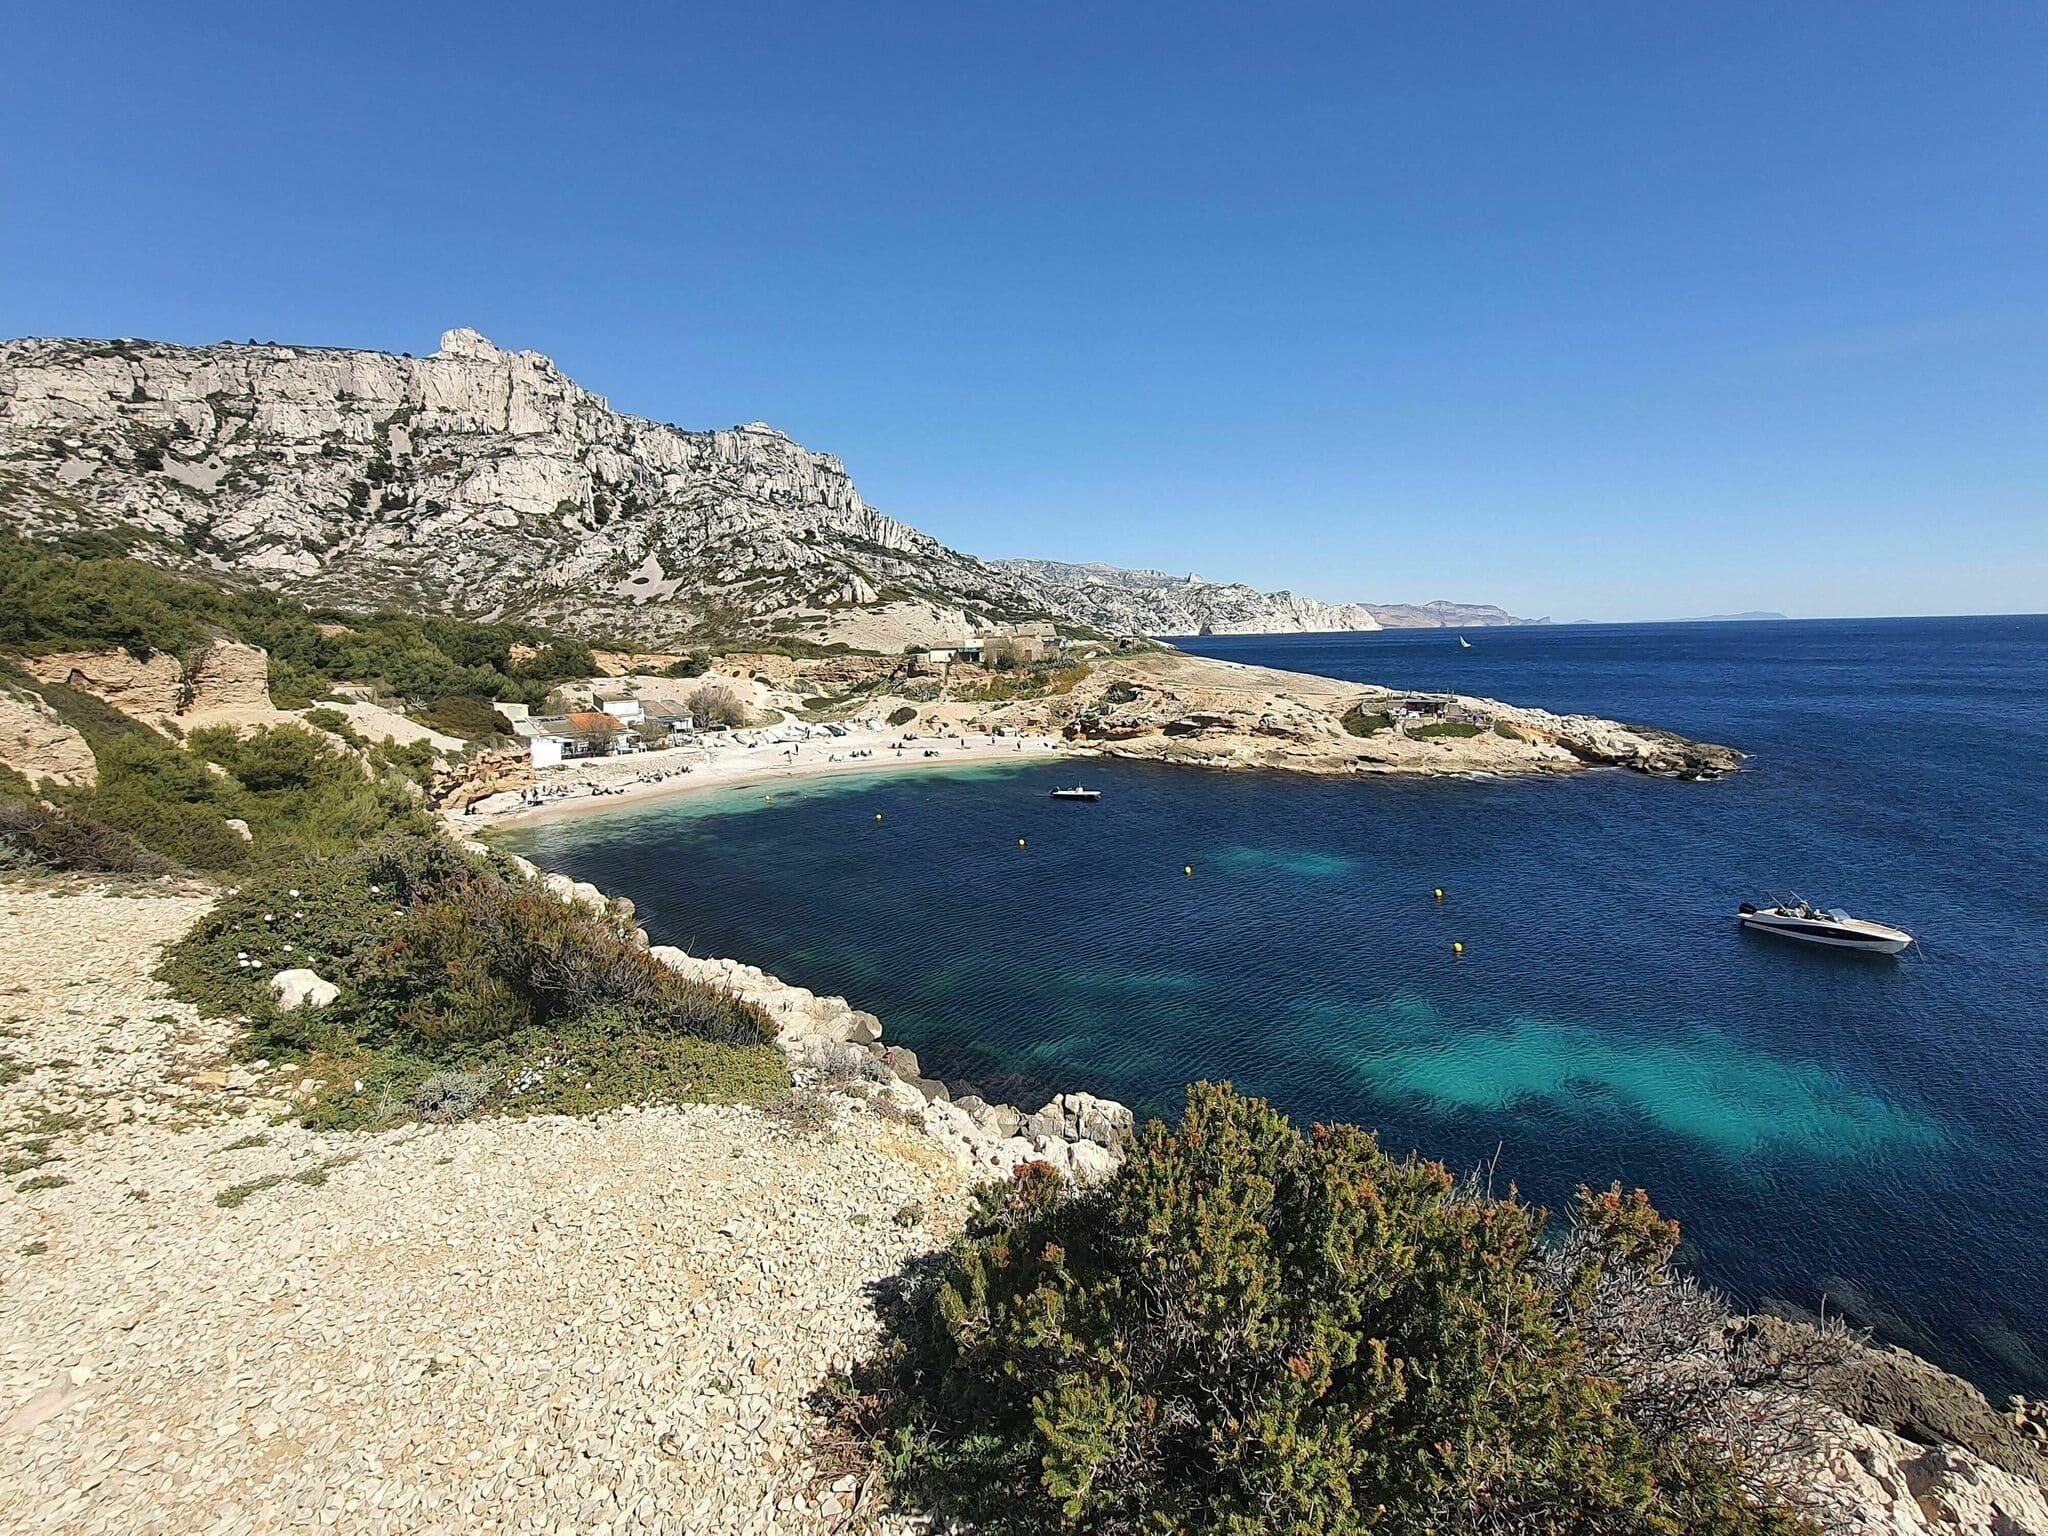 Randonnées parc national des calanques : Le circuit de la calanque de Marseilleveyre